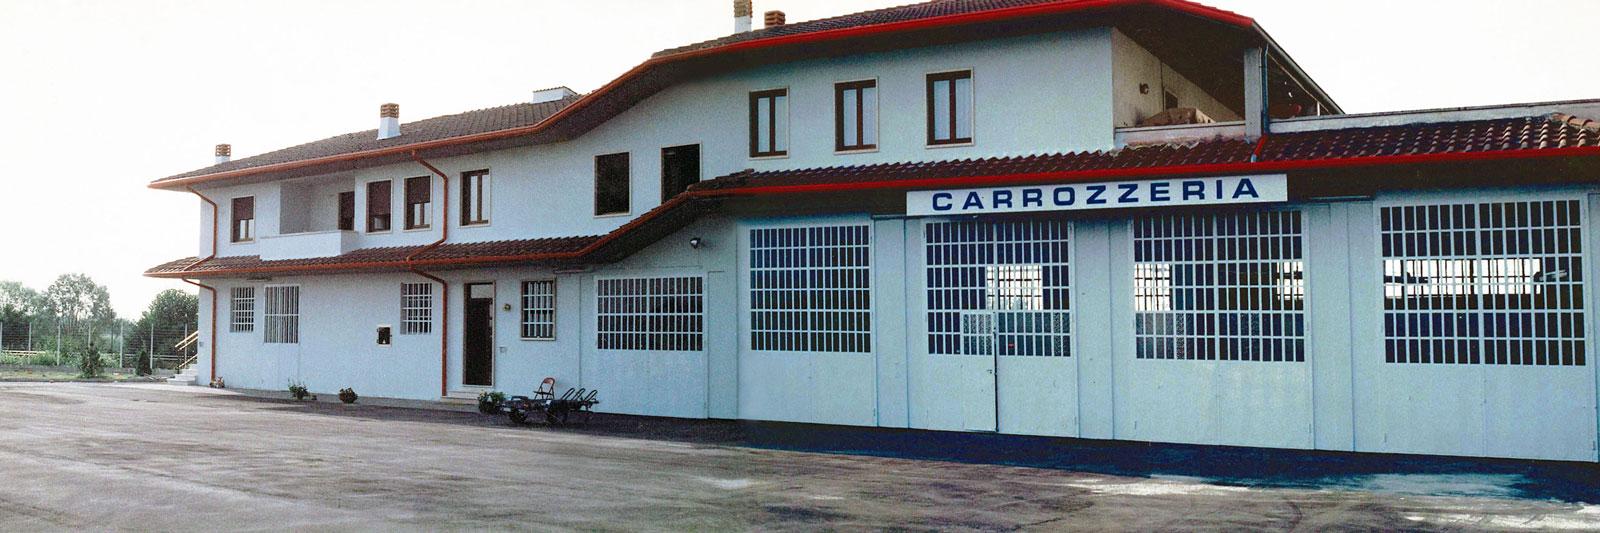 Carrozzeria Bertinazzi